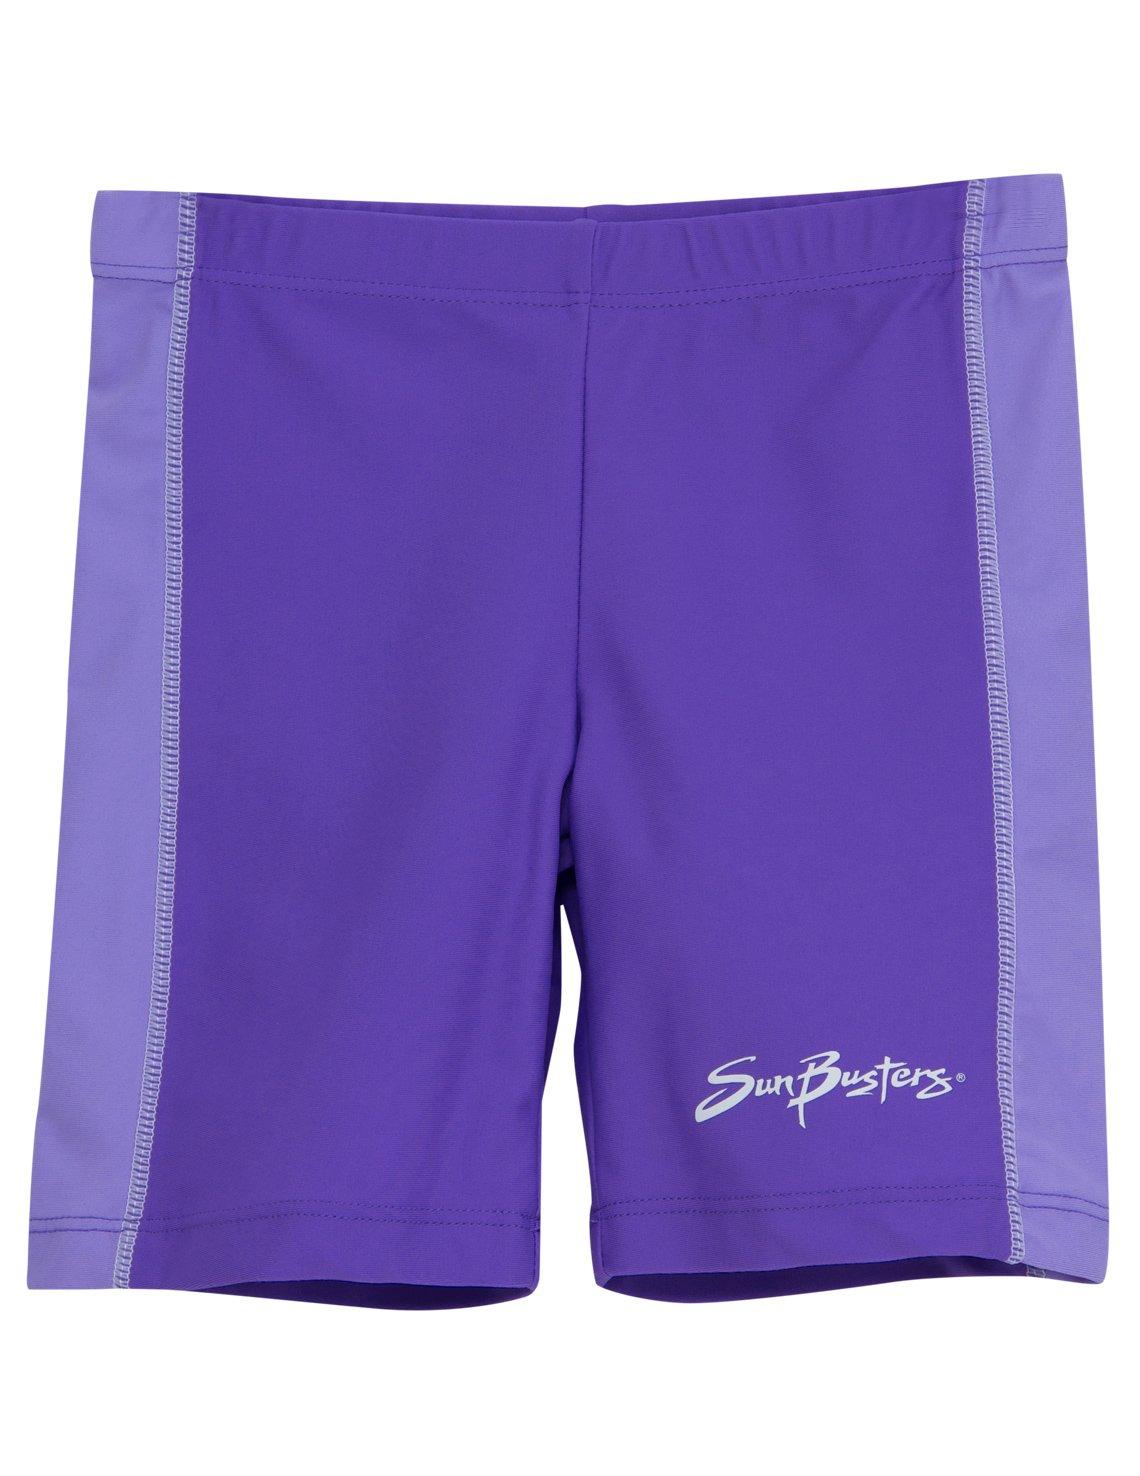 Girls Sun Busters UV Rash Swim Shorts -- High UV Protection UPF50+ swimwear (Grape/Plum, Grape/Blackberry, Peach/Nectarine & Raspberry/Cranberry)